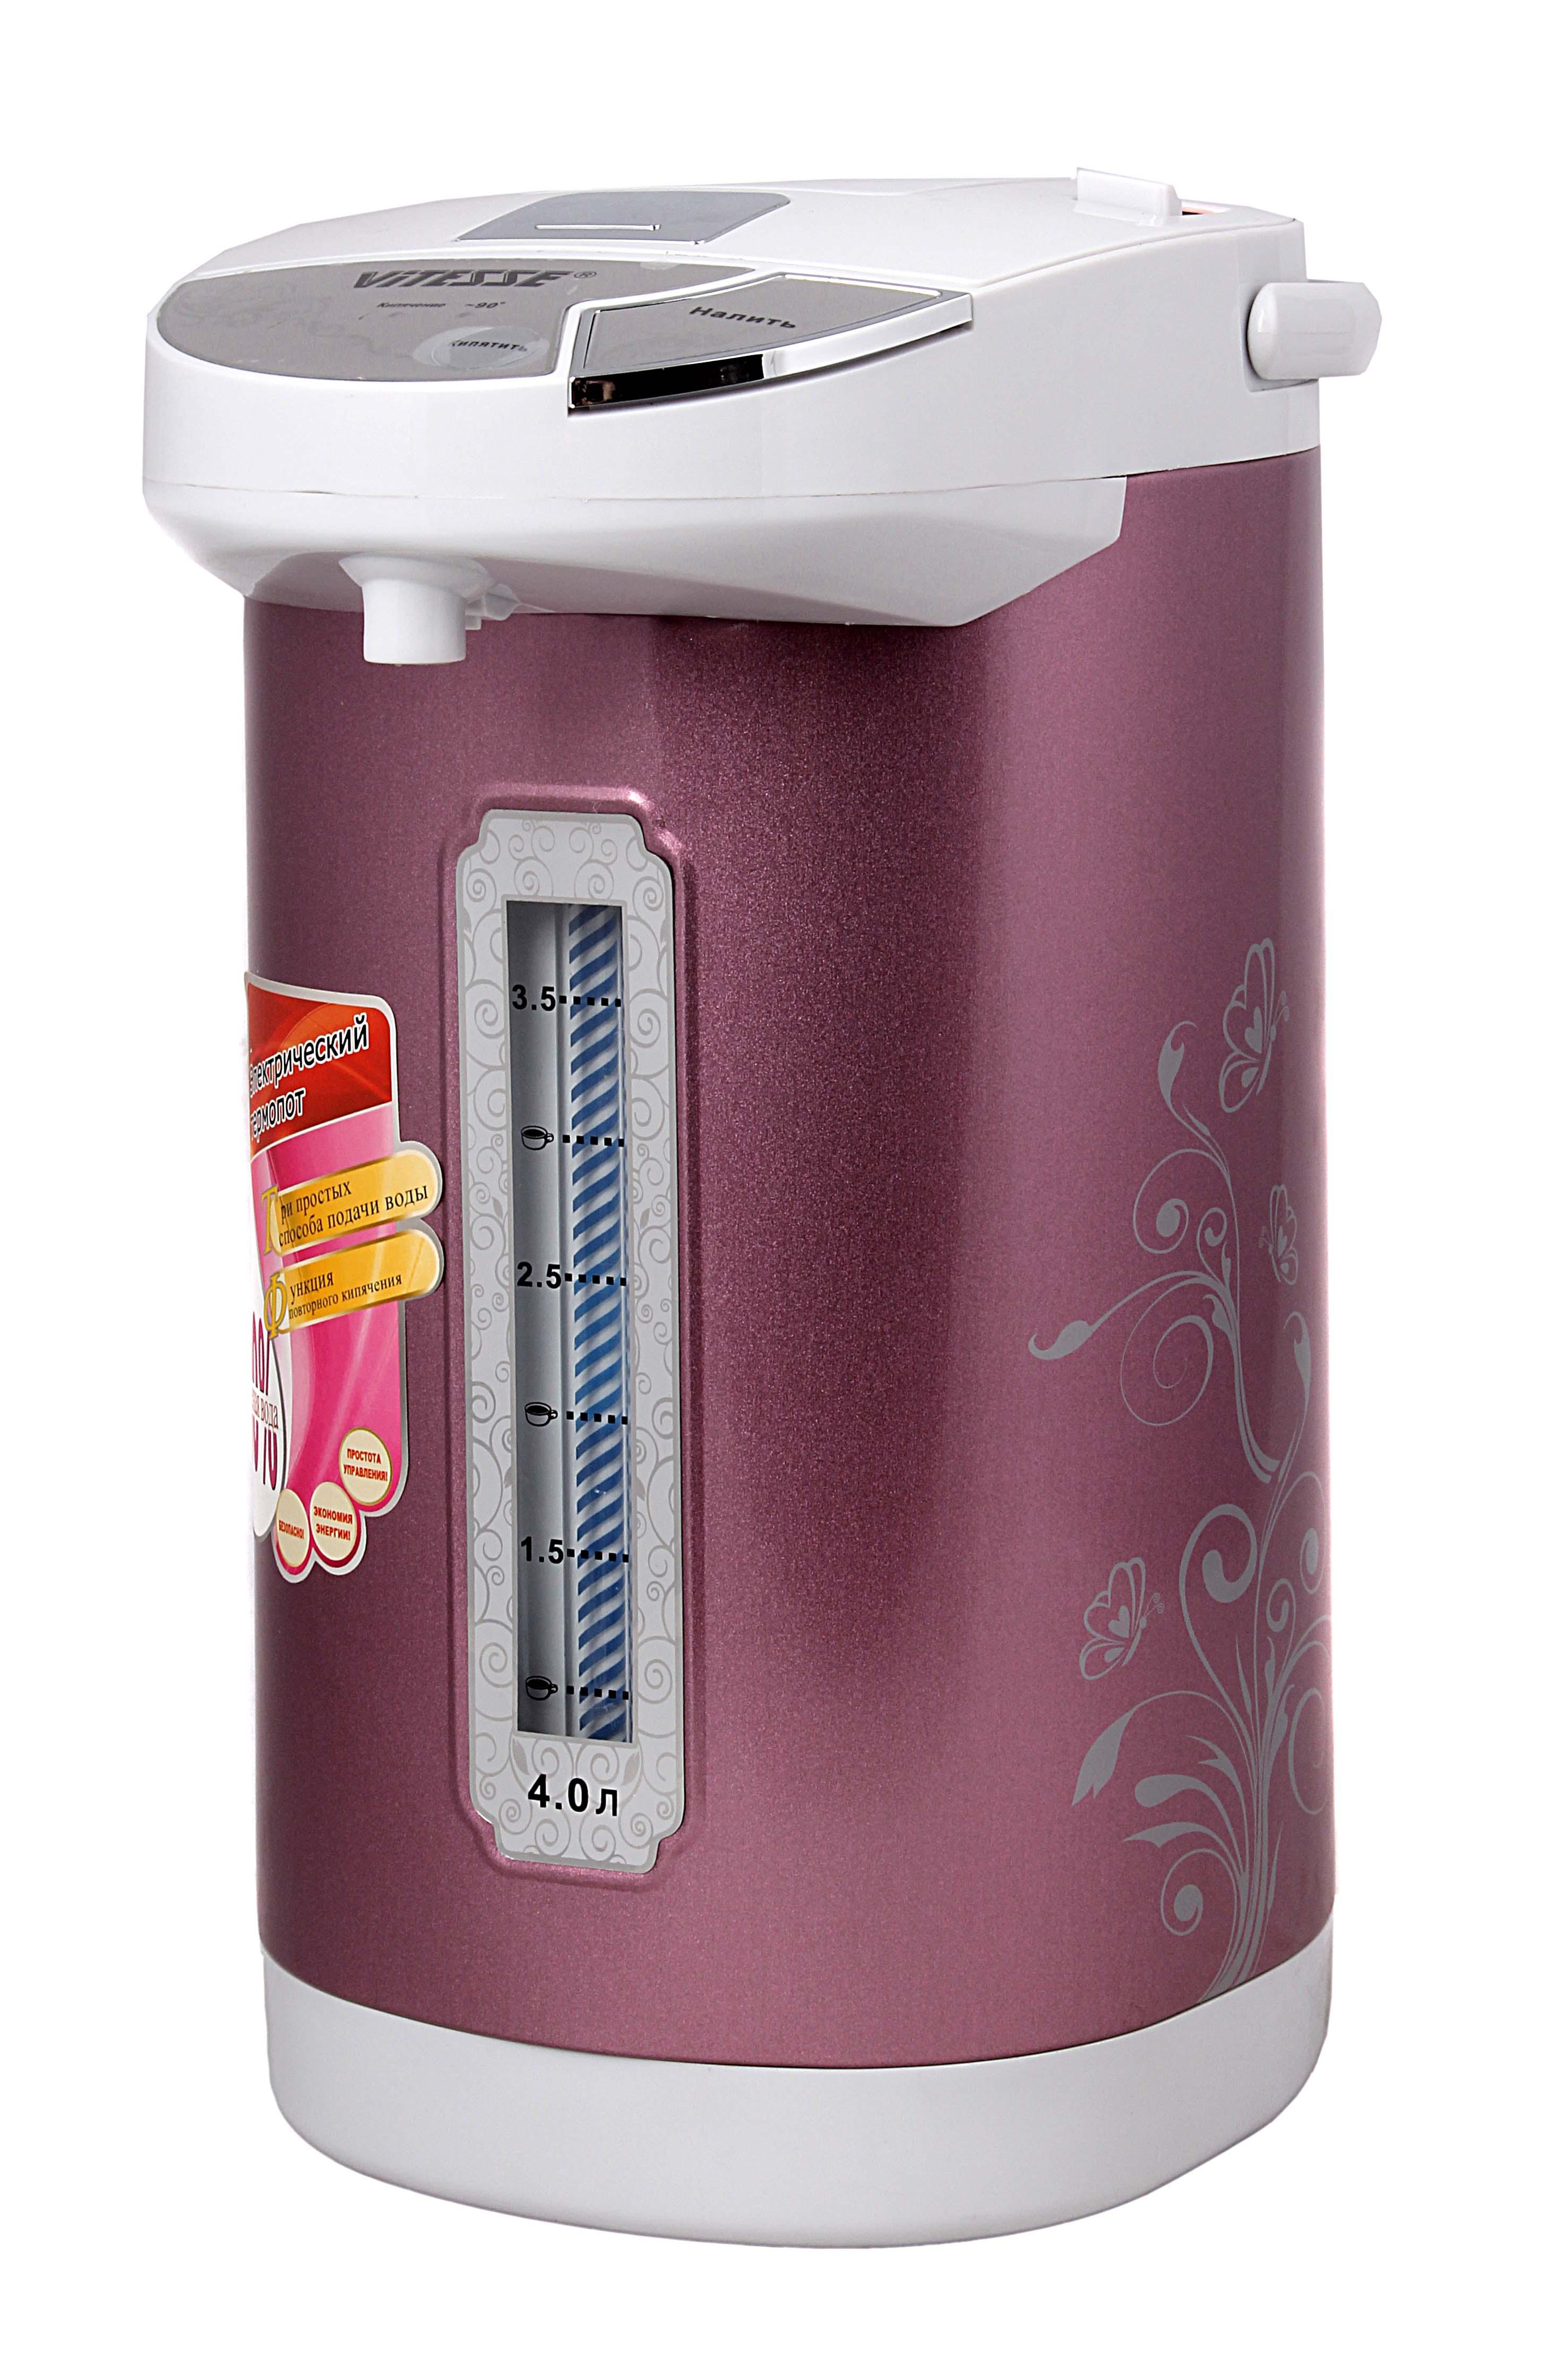 Vitesse VS-162, Purple термопотVS-162Термопот VITESSE VS-162 при непрерывном подключении к сети будет всегда поддерживать воду в колбе в горячем состоянии. Благодаря этому вы в любой момент сможете угостить гостей хорошо заваренным свежим чаем. Объем колбы 4 л. За один раз напоить горячим напитком возможно большую компанию. Аппарат имеет индикатор уровня воды, и вы не пропустите момент, когда необходимо дополнить резервуар. Длина сетевого шнура равна 1,2 м, что позволит разместить термопот в удобном для вас месте. Нержавеющая сталь, из которой выполнены покрытие нагревательного элемента и стенки колбы, обеспечит долговечность прибора. Съемная крышка Съемный шнур питания Термоизолированный корпус Автоматическая помпа Ручная помпа Функция повторного кипячения Внутренние стенки из нержавеющий стали